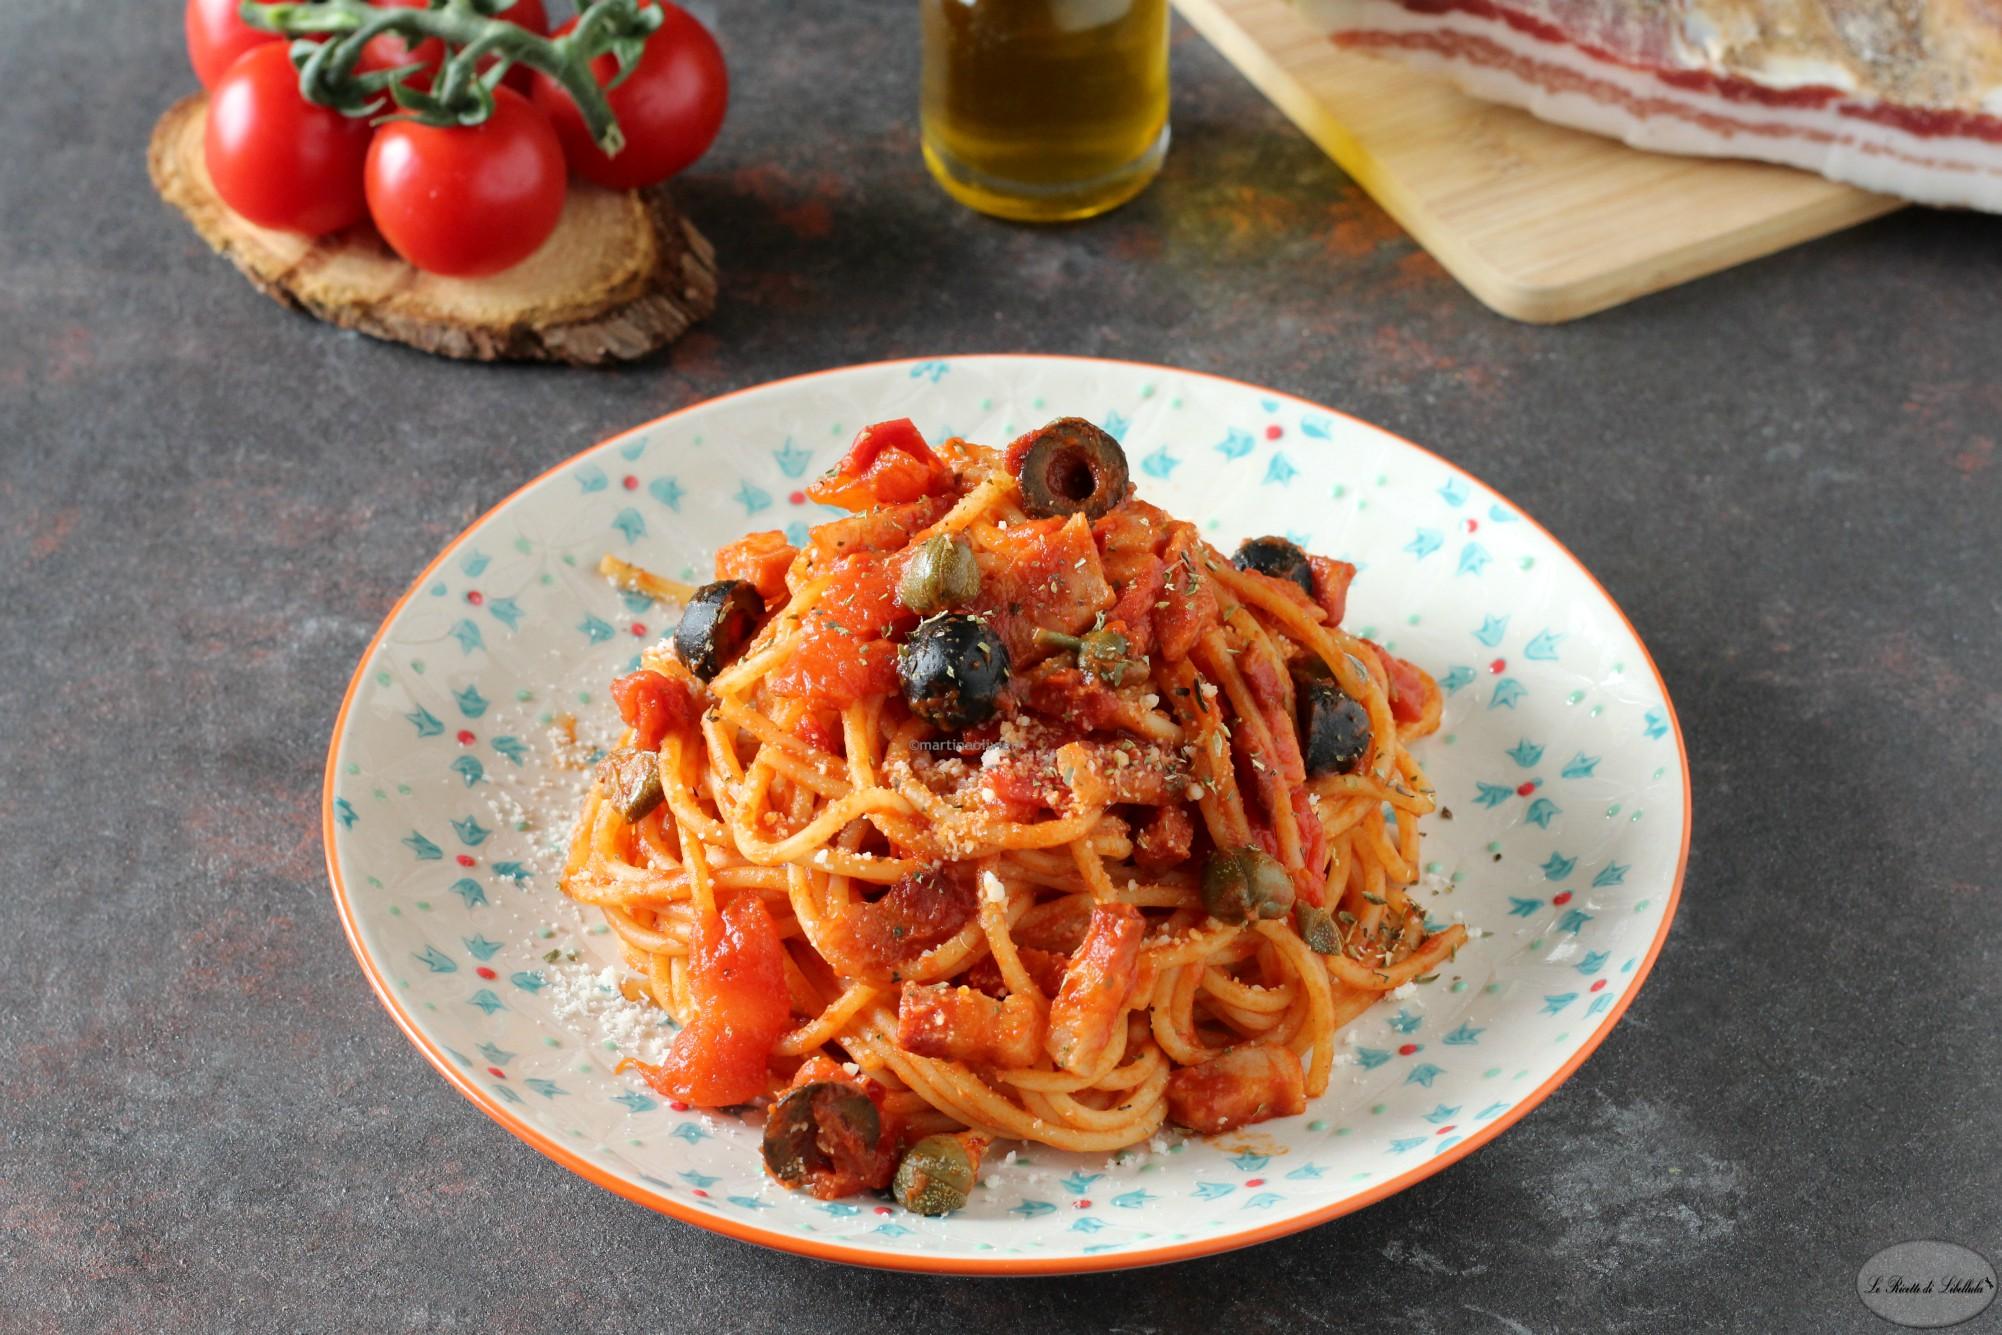 Pasta con pomodorini, guanciale, olive e capperi